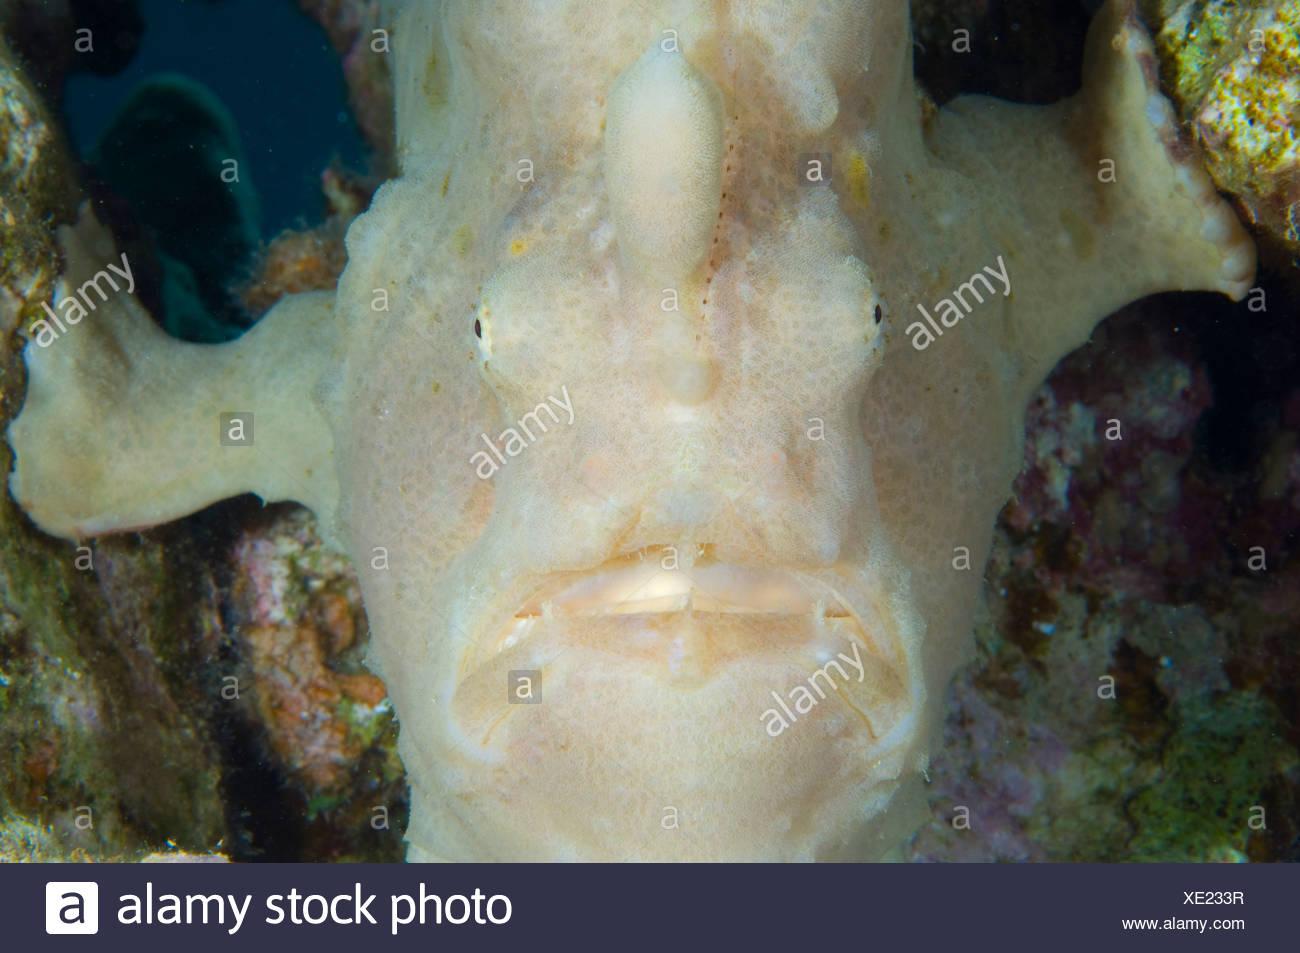 Anglerfish Light Stock Photos & Anglerfish Light Stock Images - Alamy